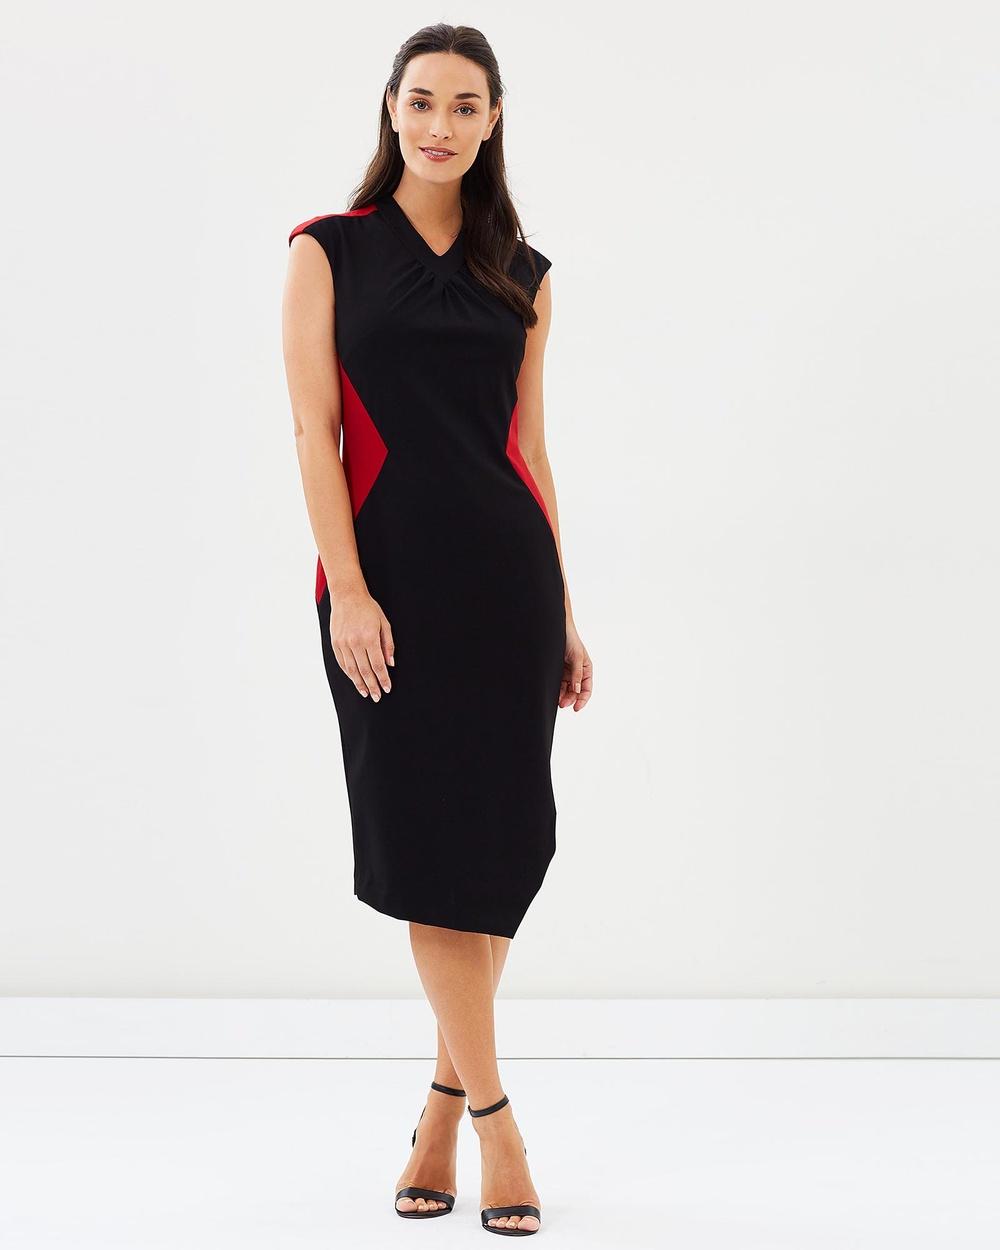 Pink Ruby Sabine Dress Dresses Black & Red Sabine Dress